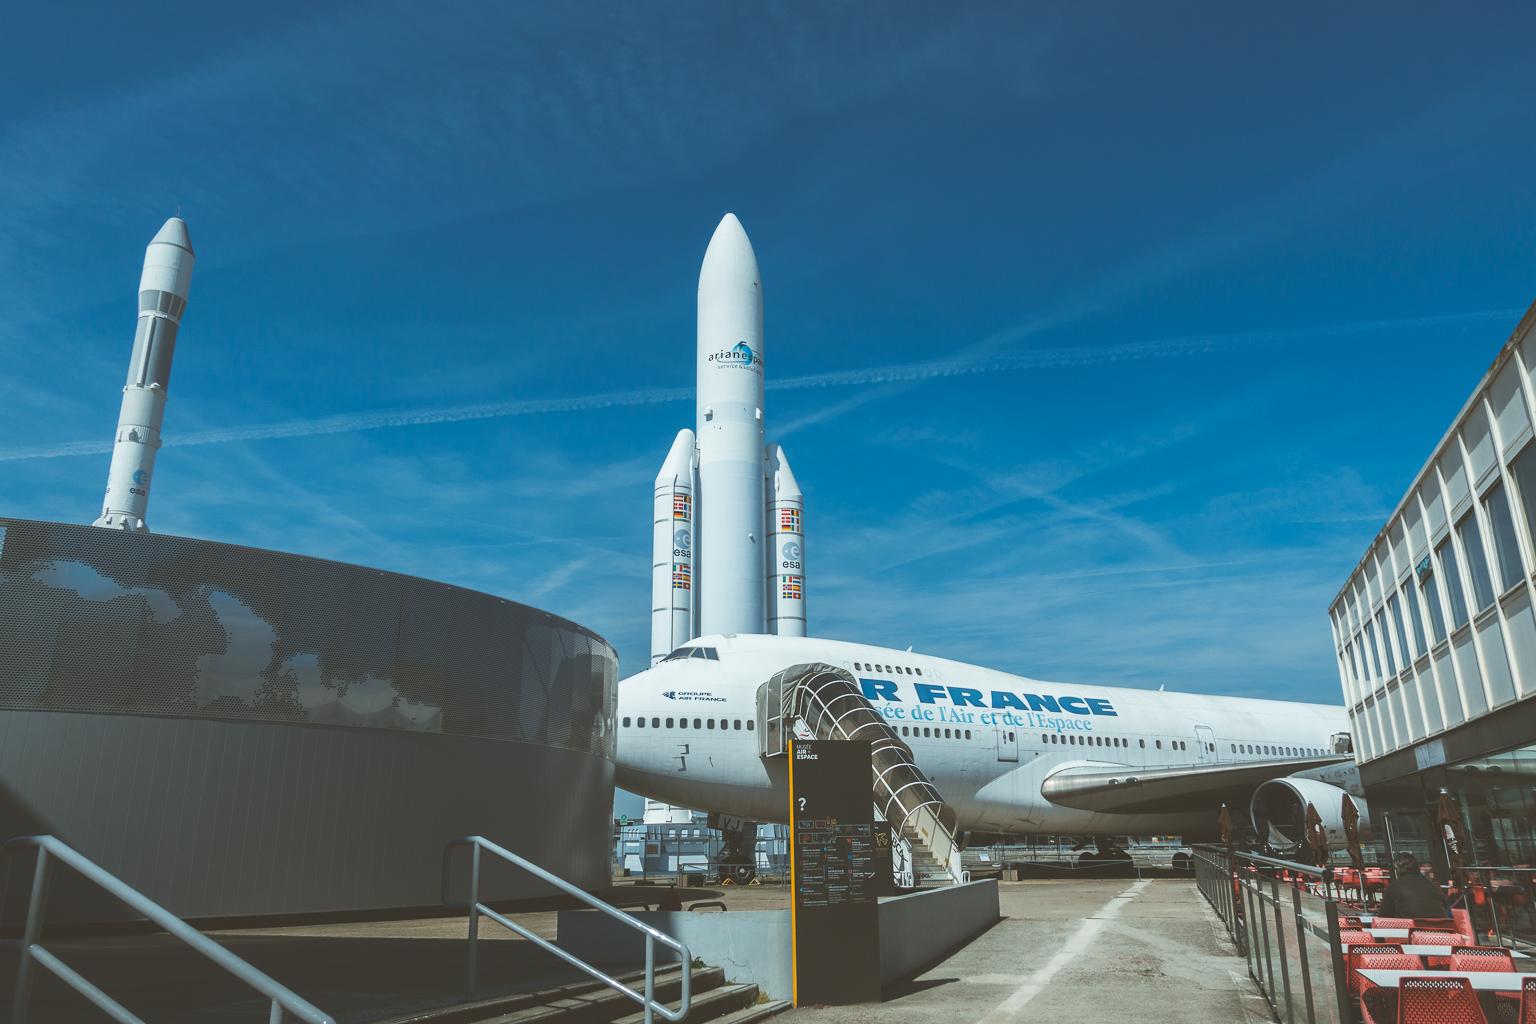 A Boeing 747 on display at the Musee de l'Air et de l'Espace in Paris